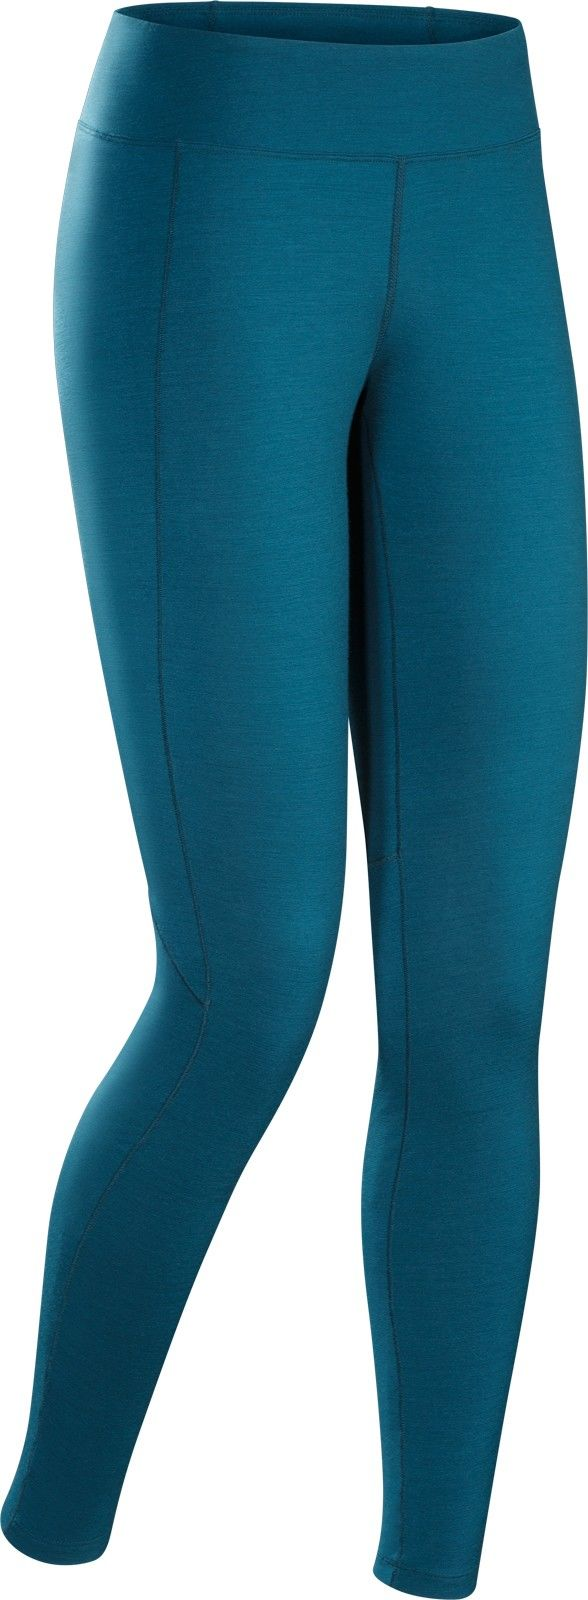 Arcteryx W Satoro AR Bottom | Größe S,M,L,XL | Damen Unterwäsche